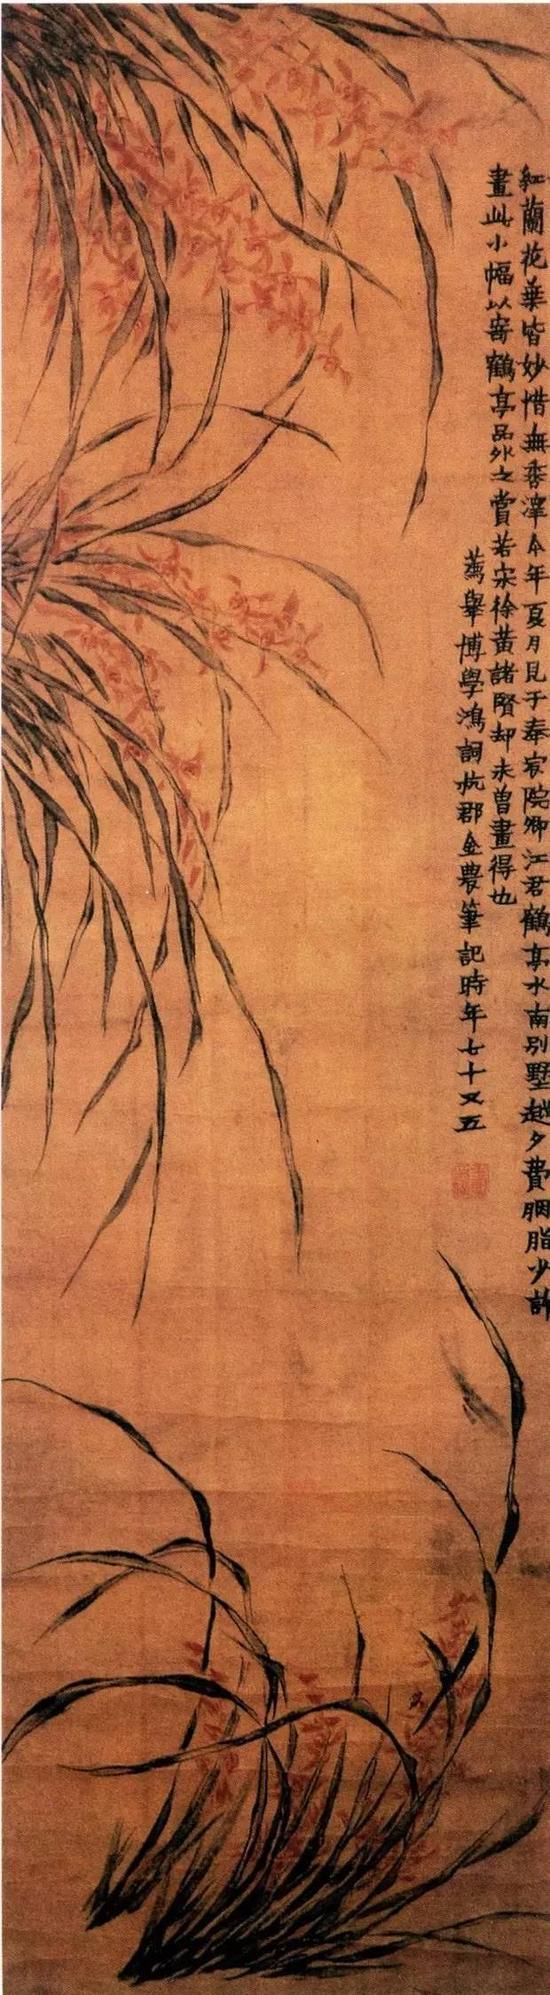 金农《兰花图》,清代,南京博物院藏